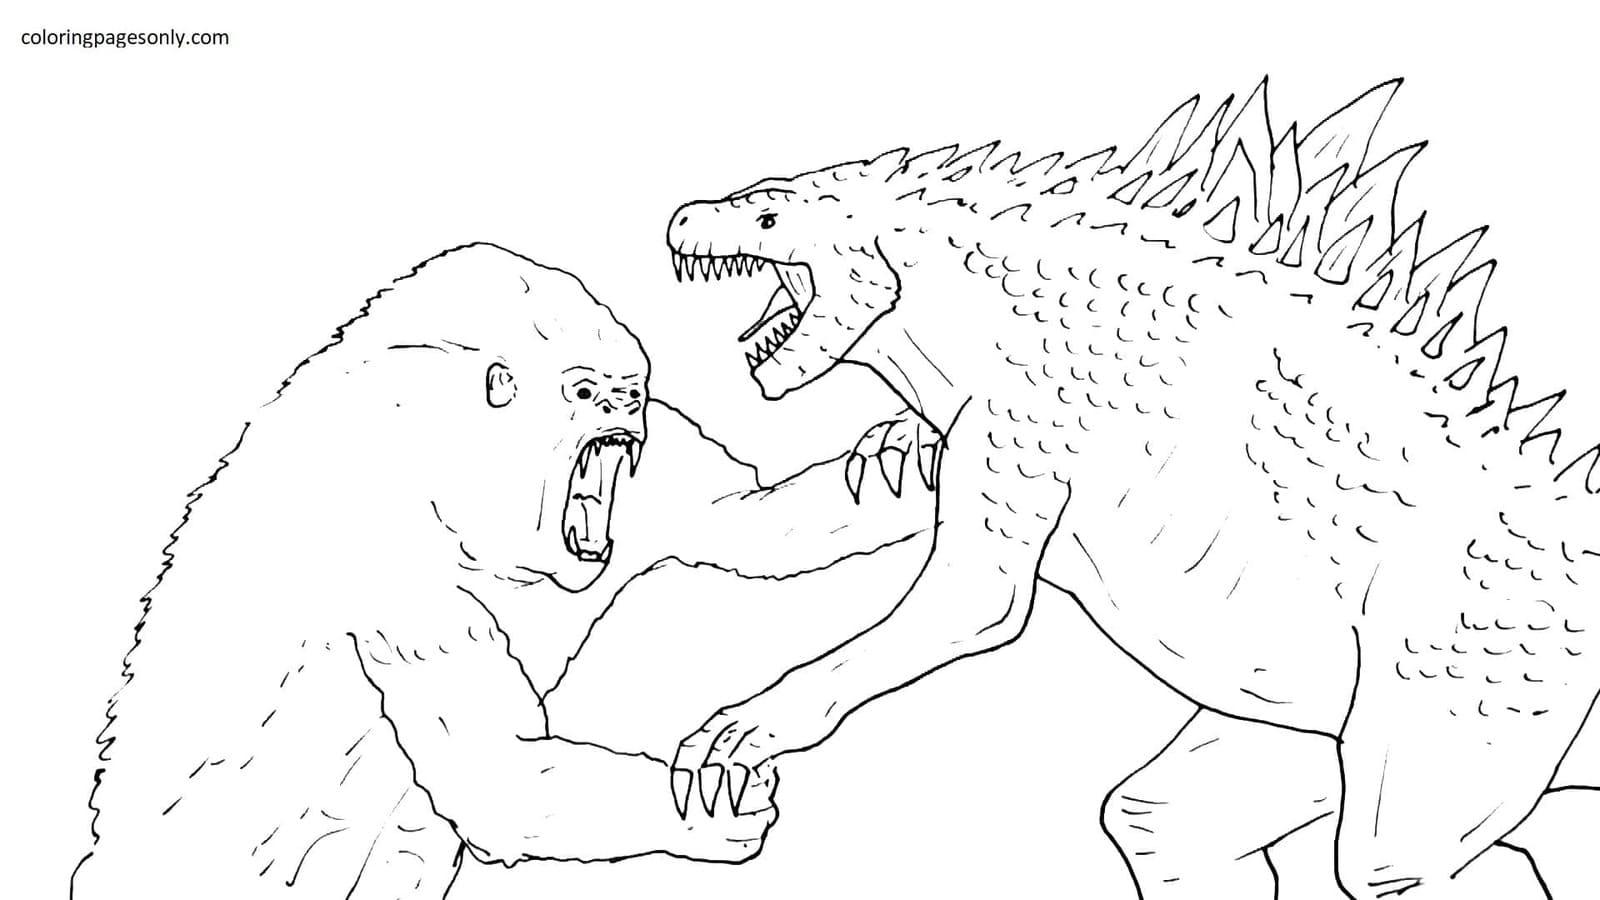 Godzilla vs King Kong 2 Coloring Page